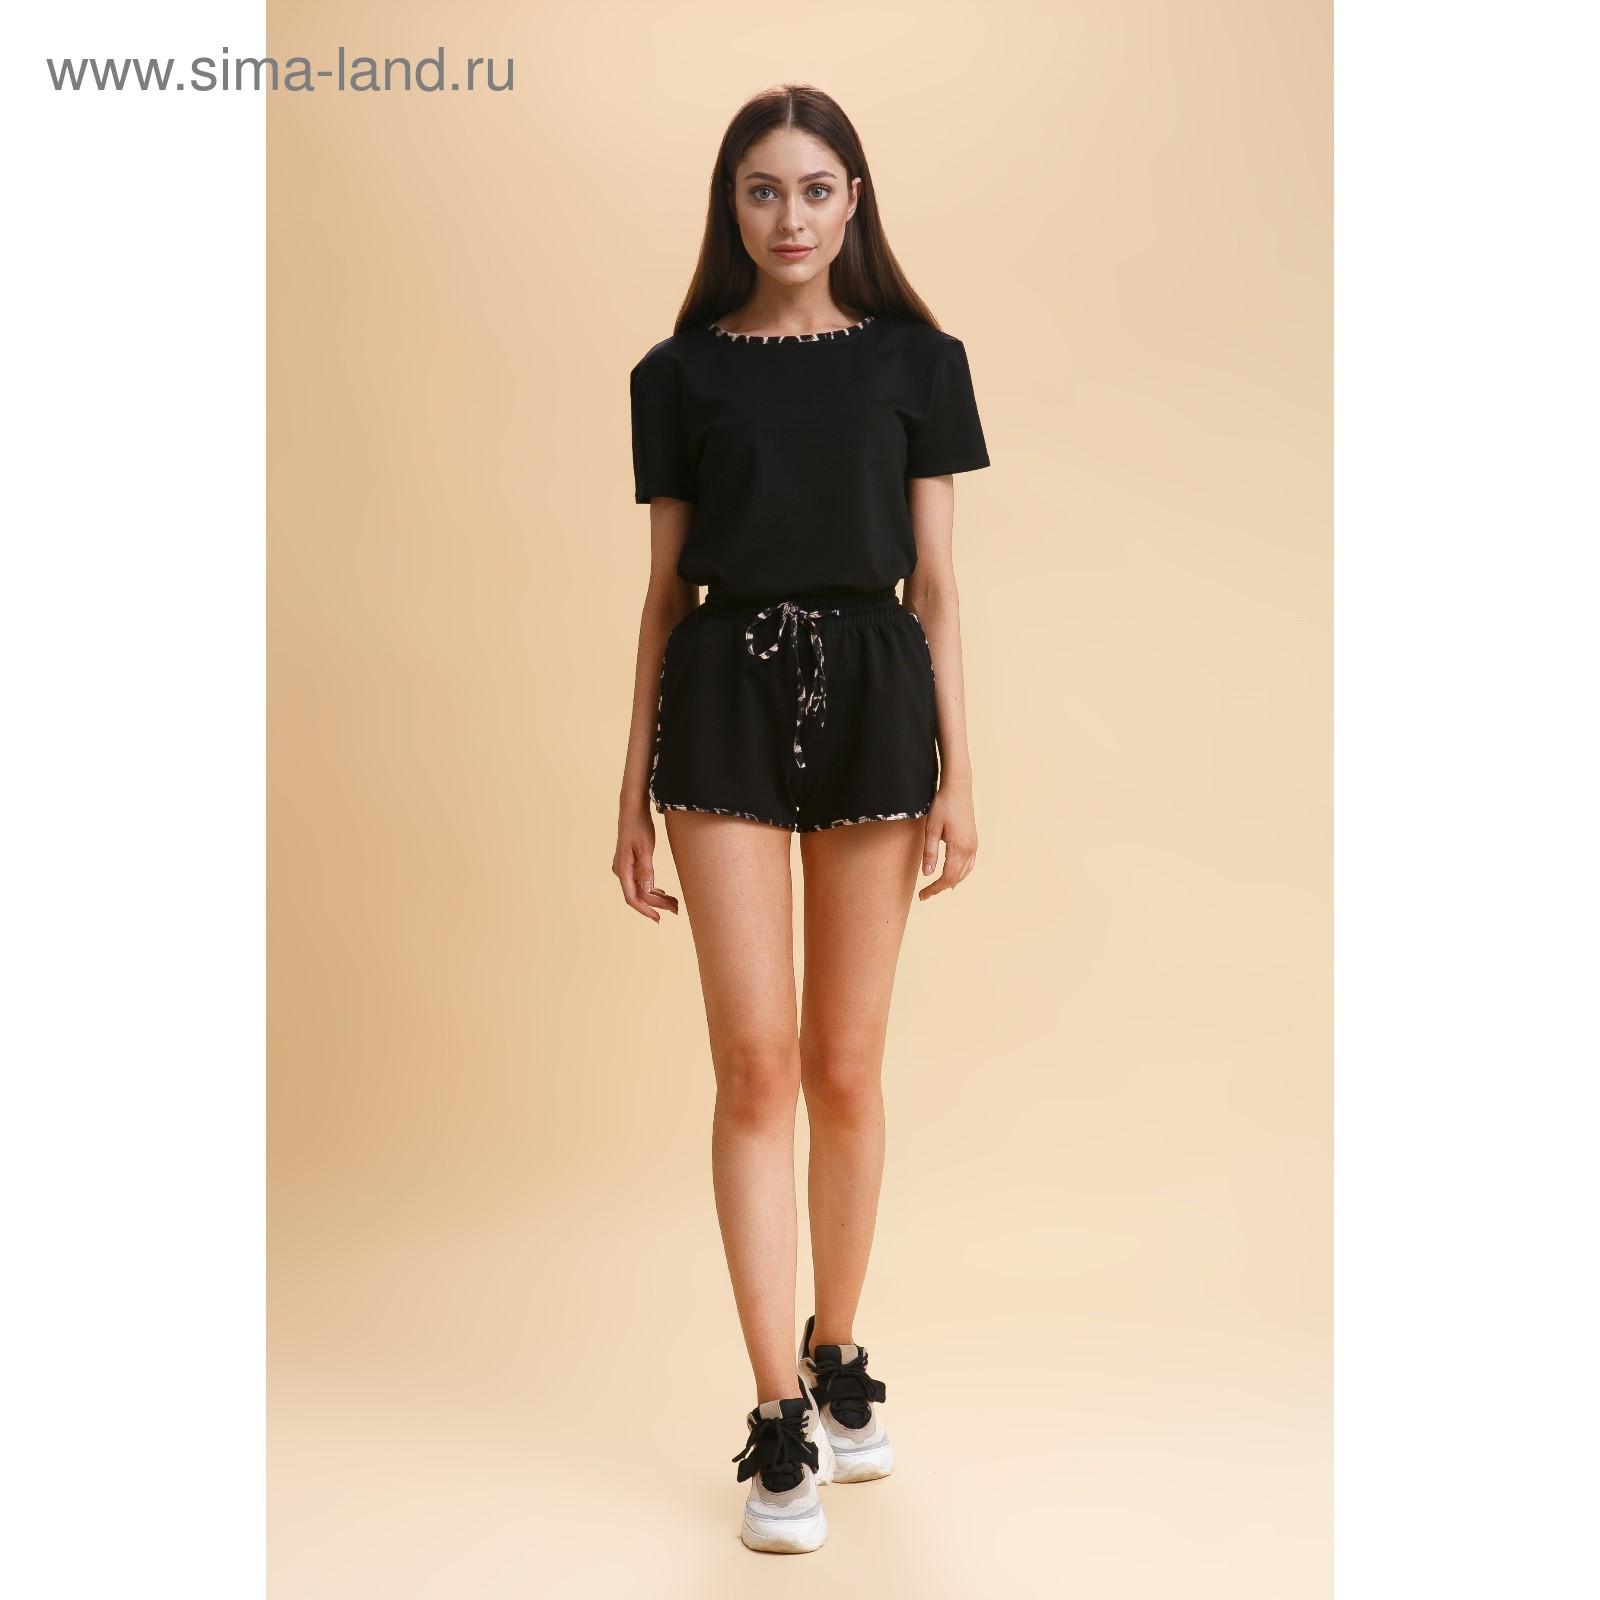 fb7cdcedc93c Костюм женский (футболка, шорты), цвет черный/леопард окантовка, р-р ...